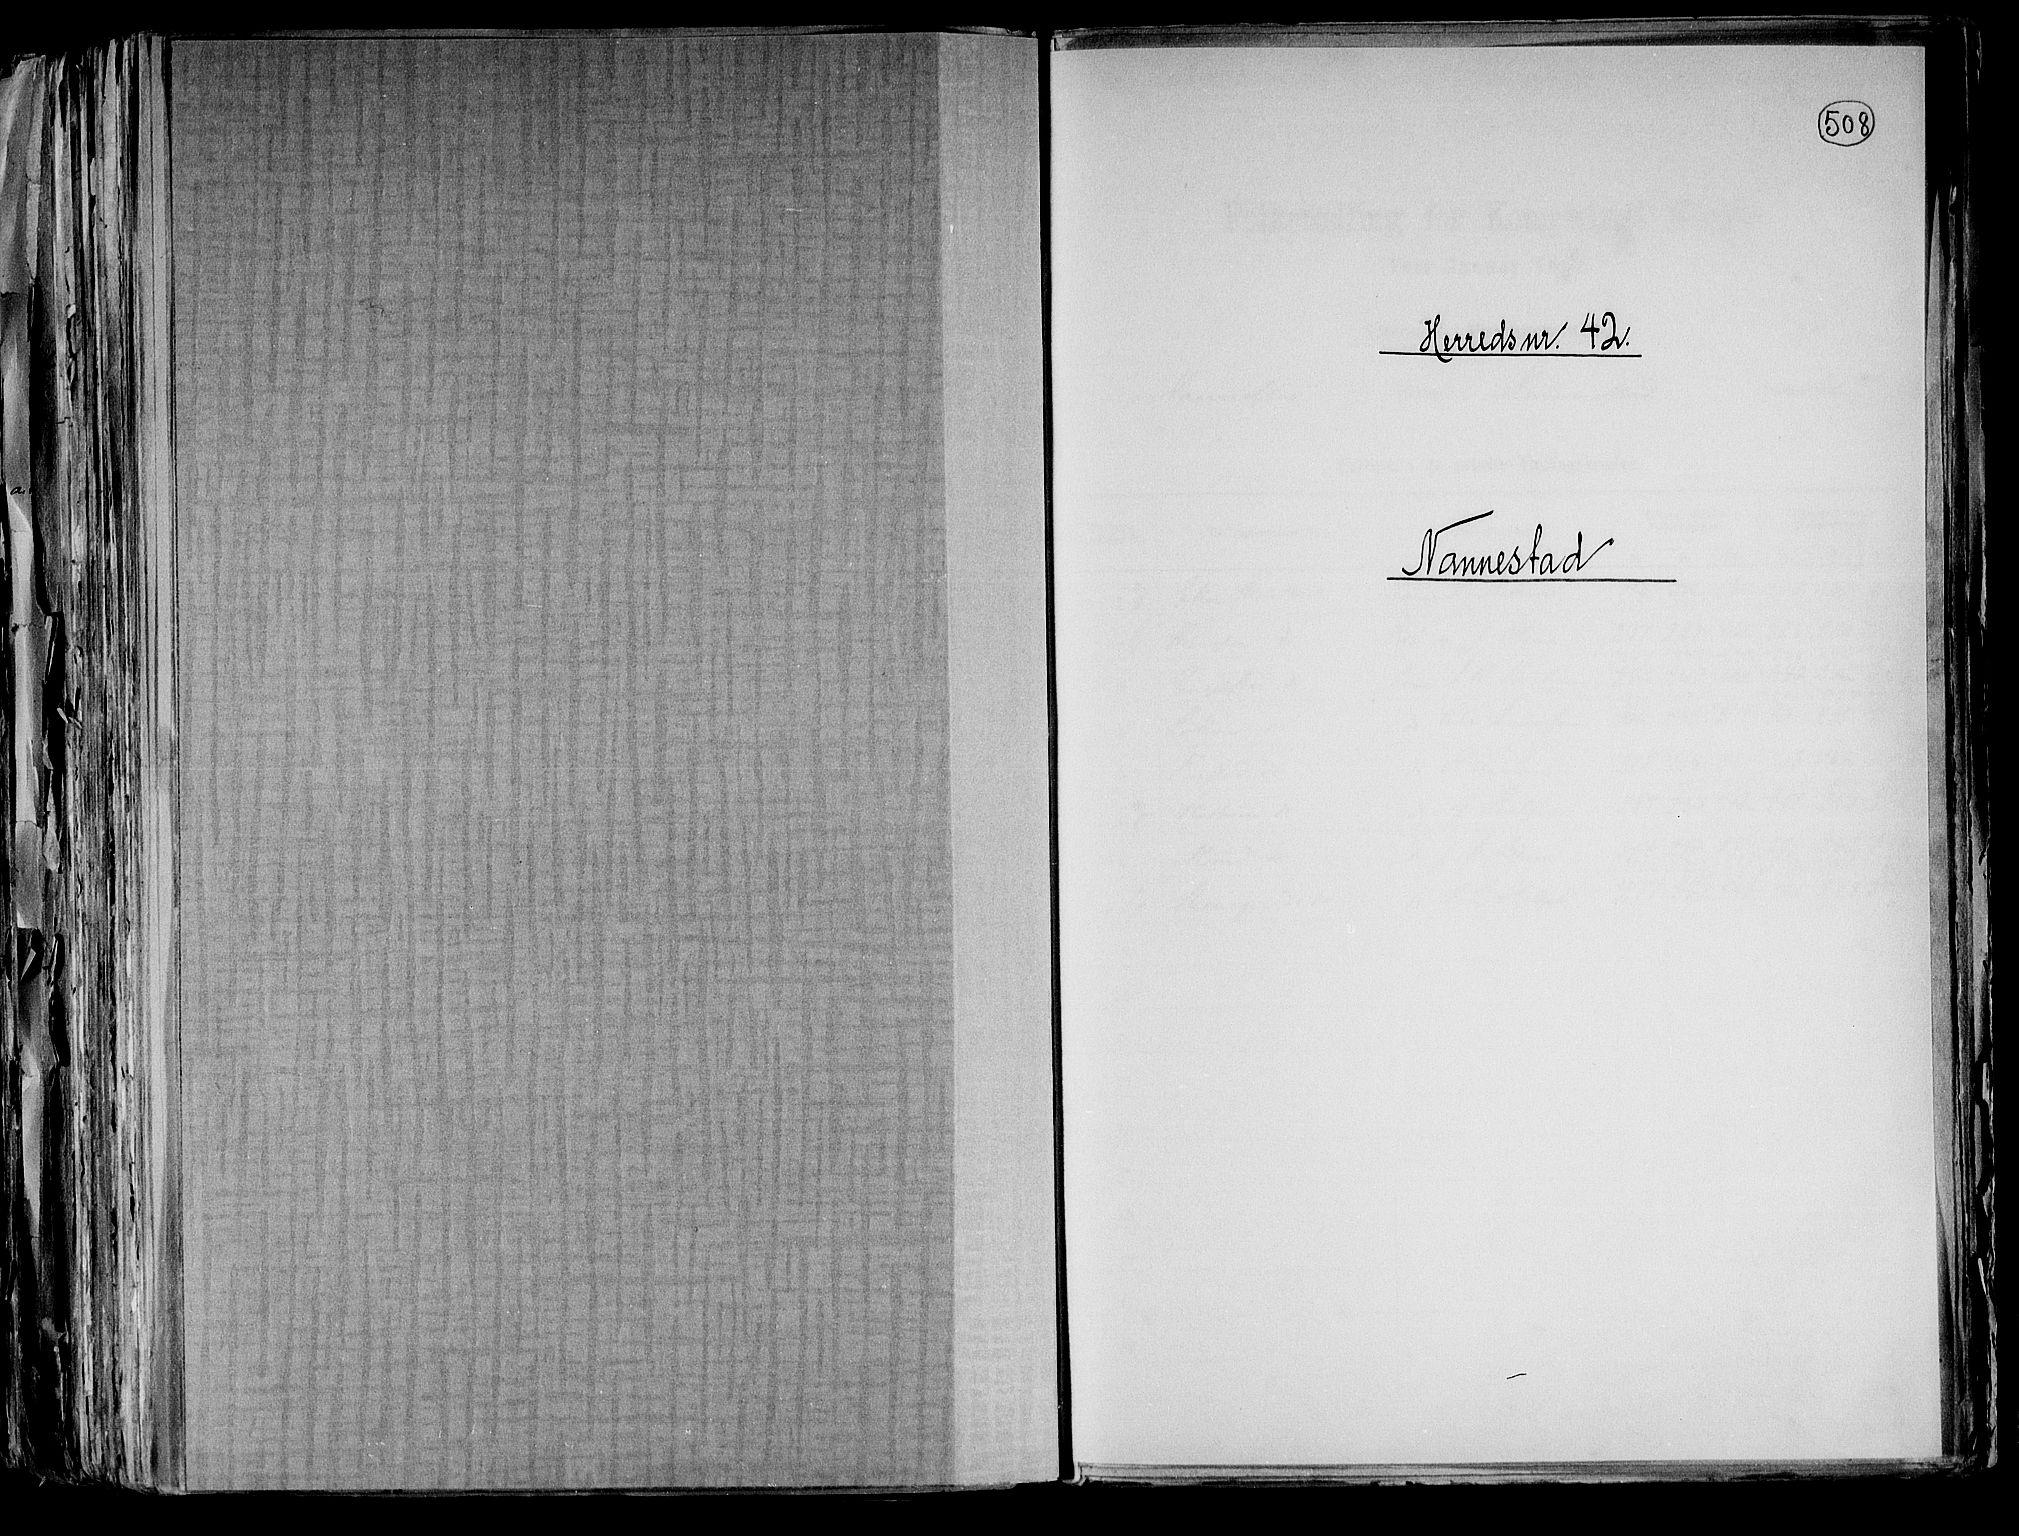 RA, Folketelling 1891 for 0238 Nannestad herred, 1891, s. 1